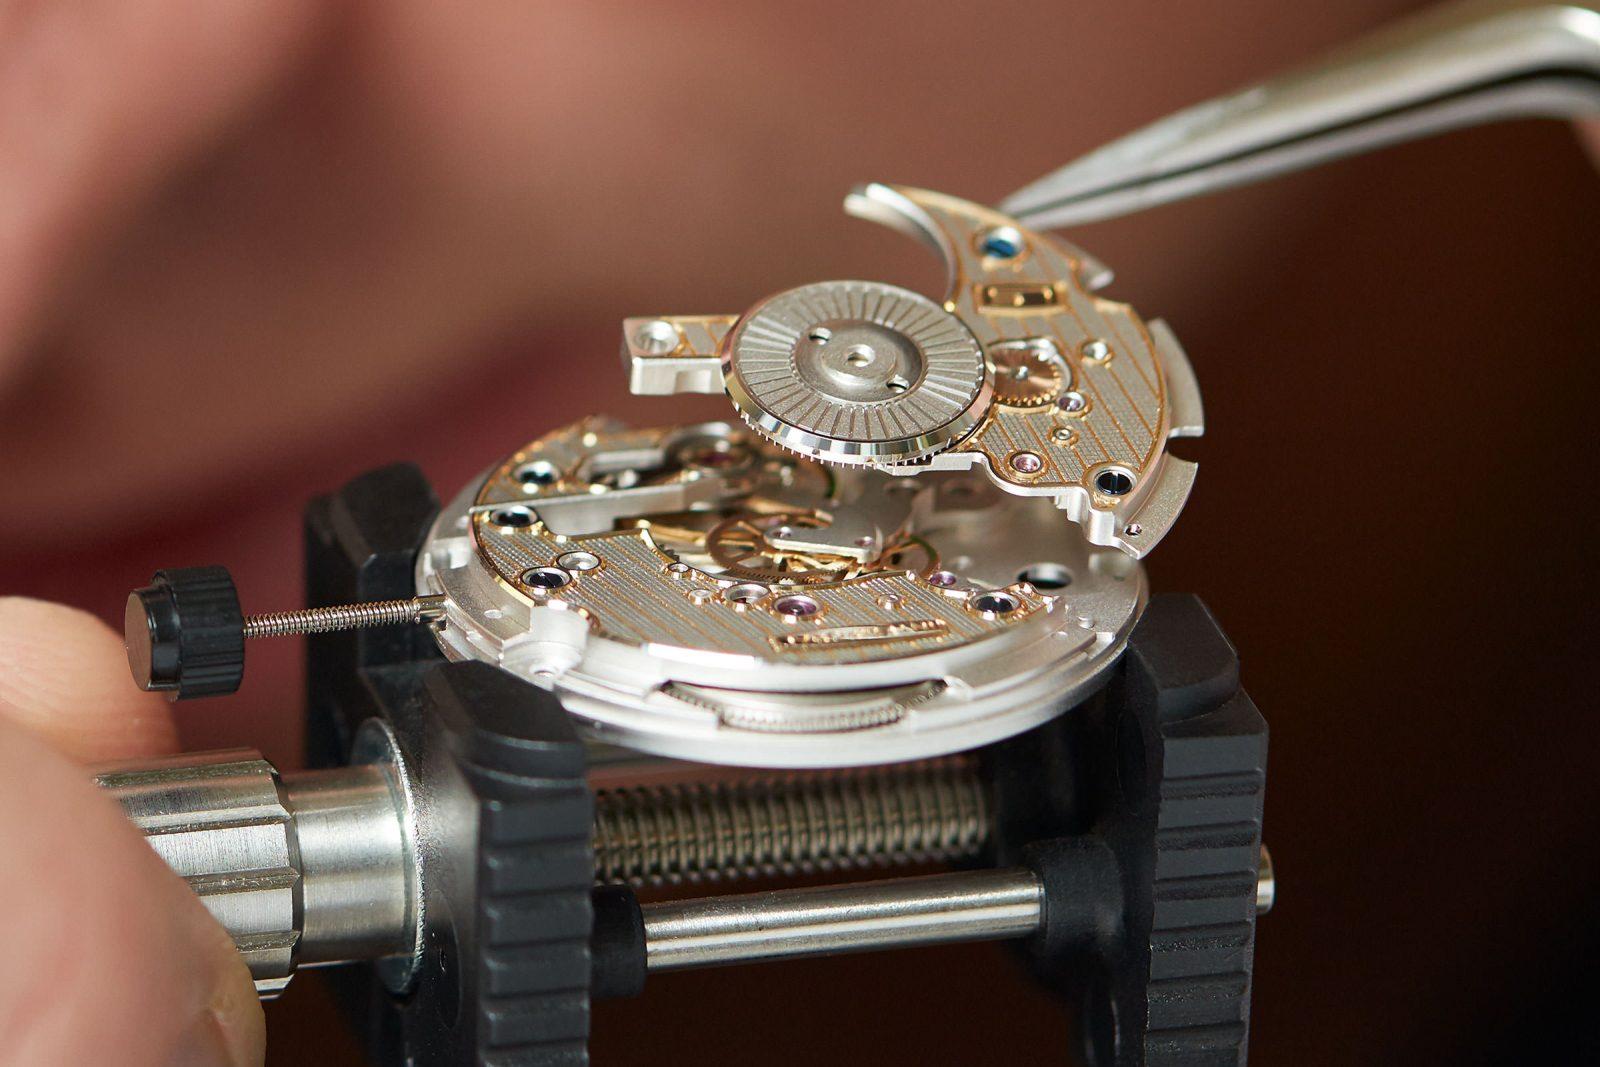 Lehmann Uhren Montage